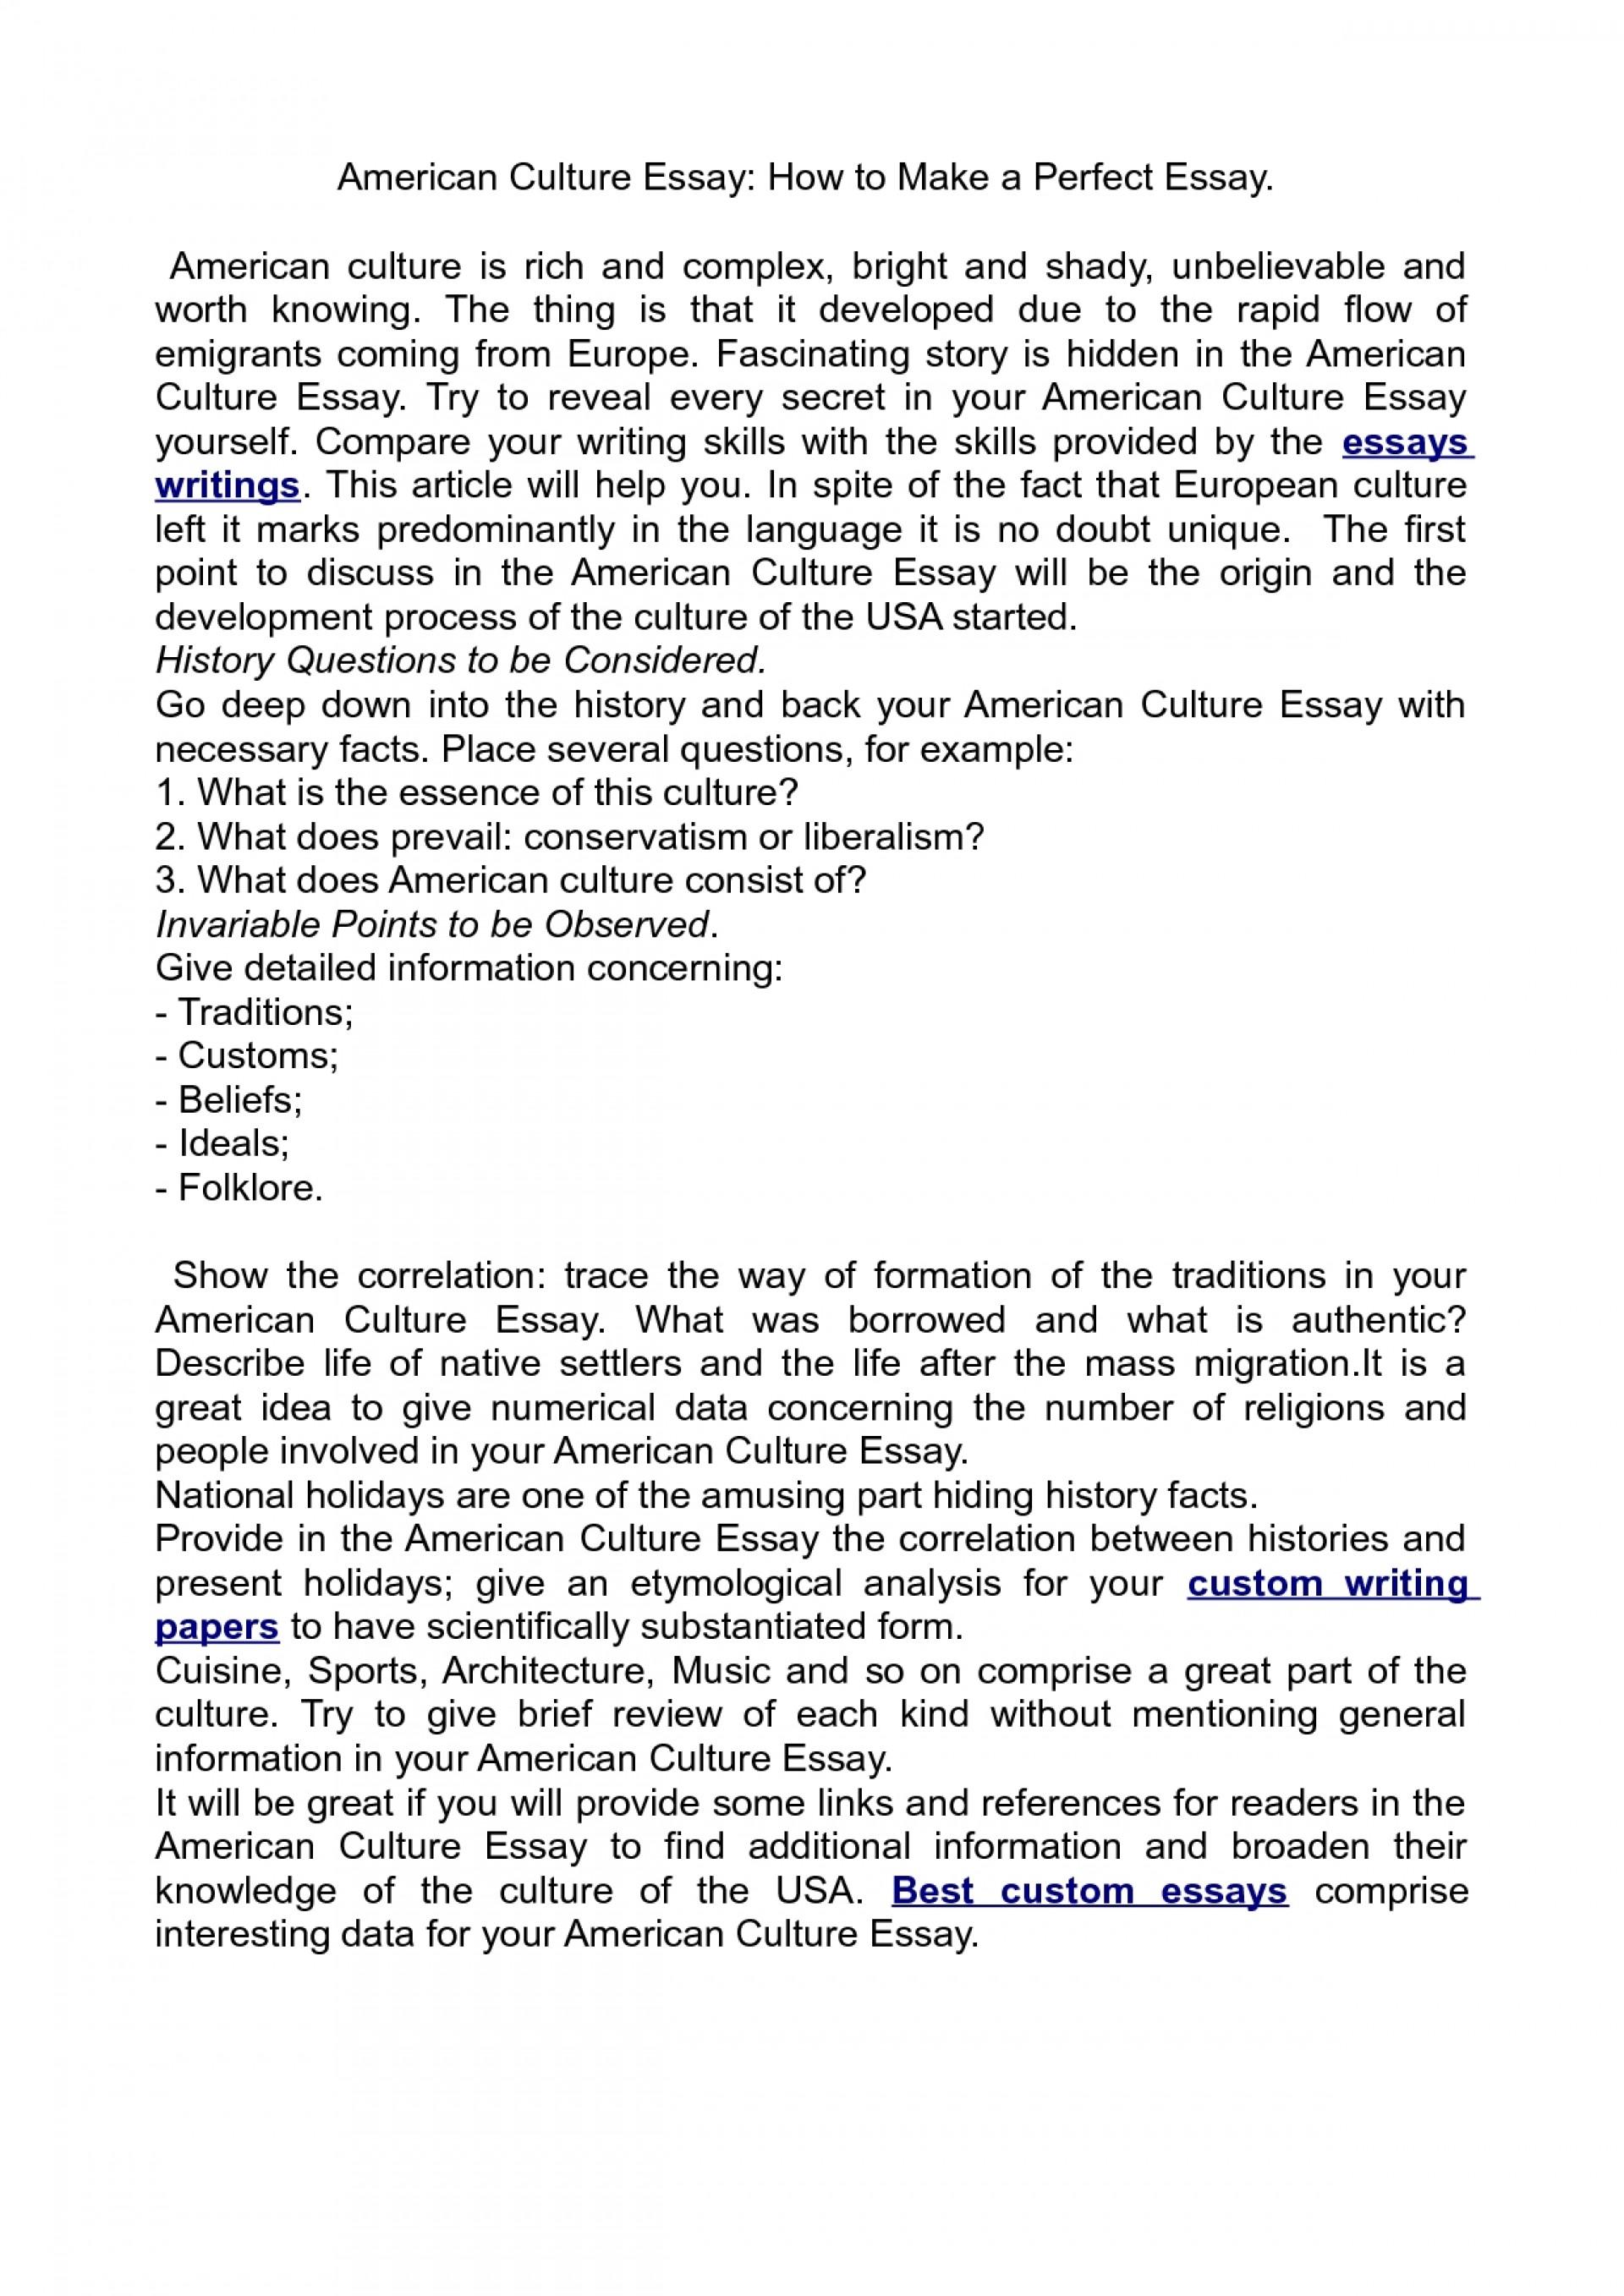 003 American Culture Essay Striking Topics Titles Format 1920